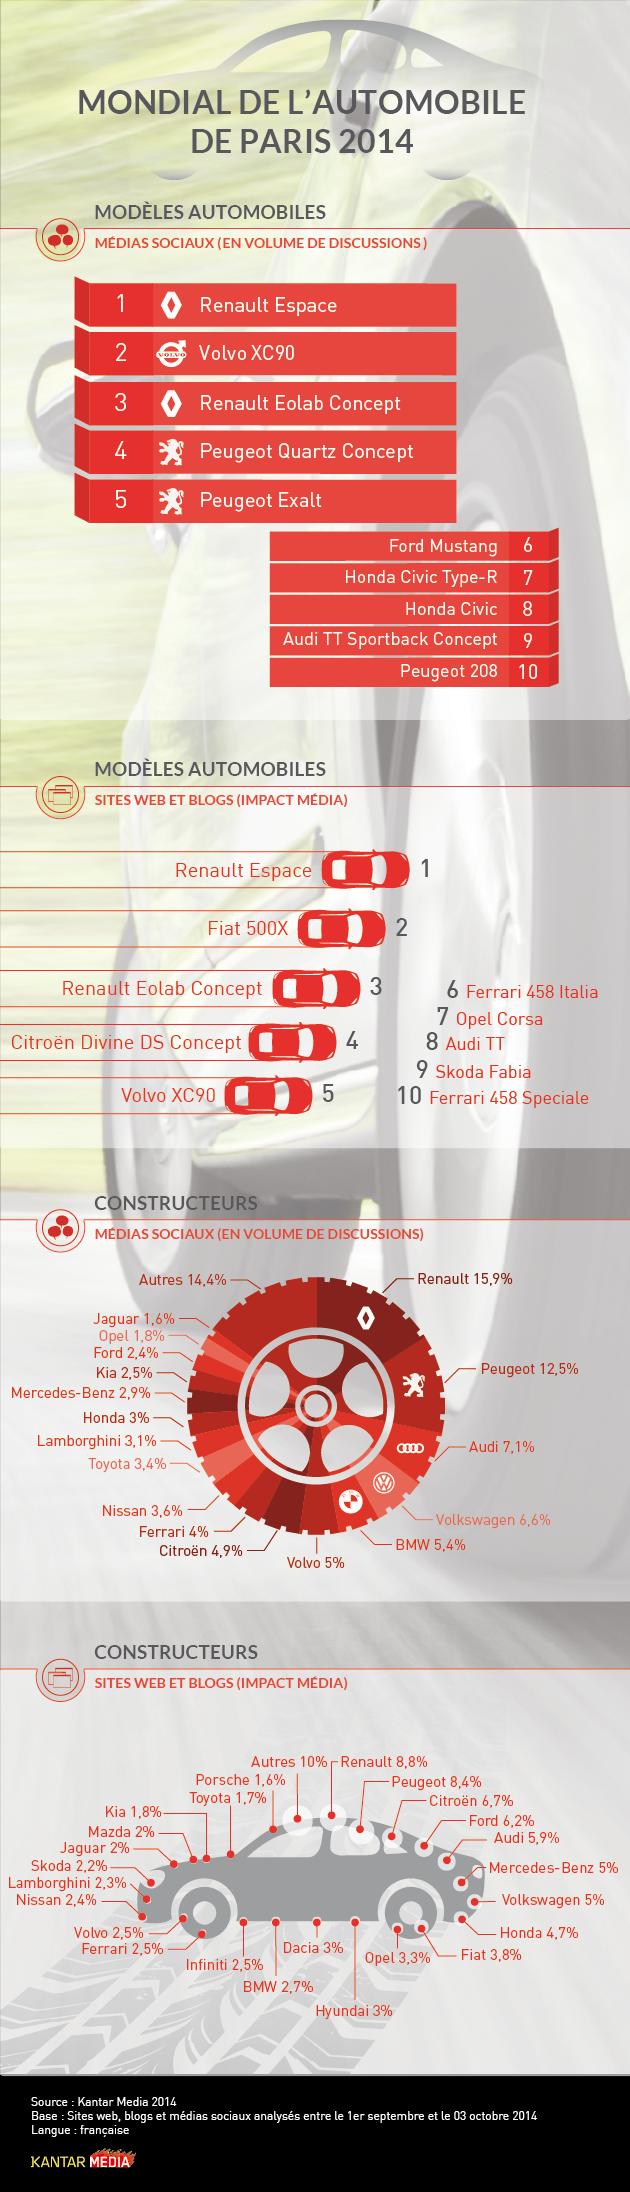 Le Mondial de l'Automobile 2014 sur les réseaux sociaux - Infographie - Kantar Media